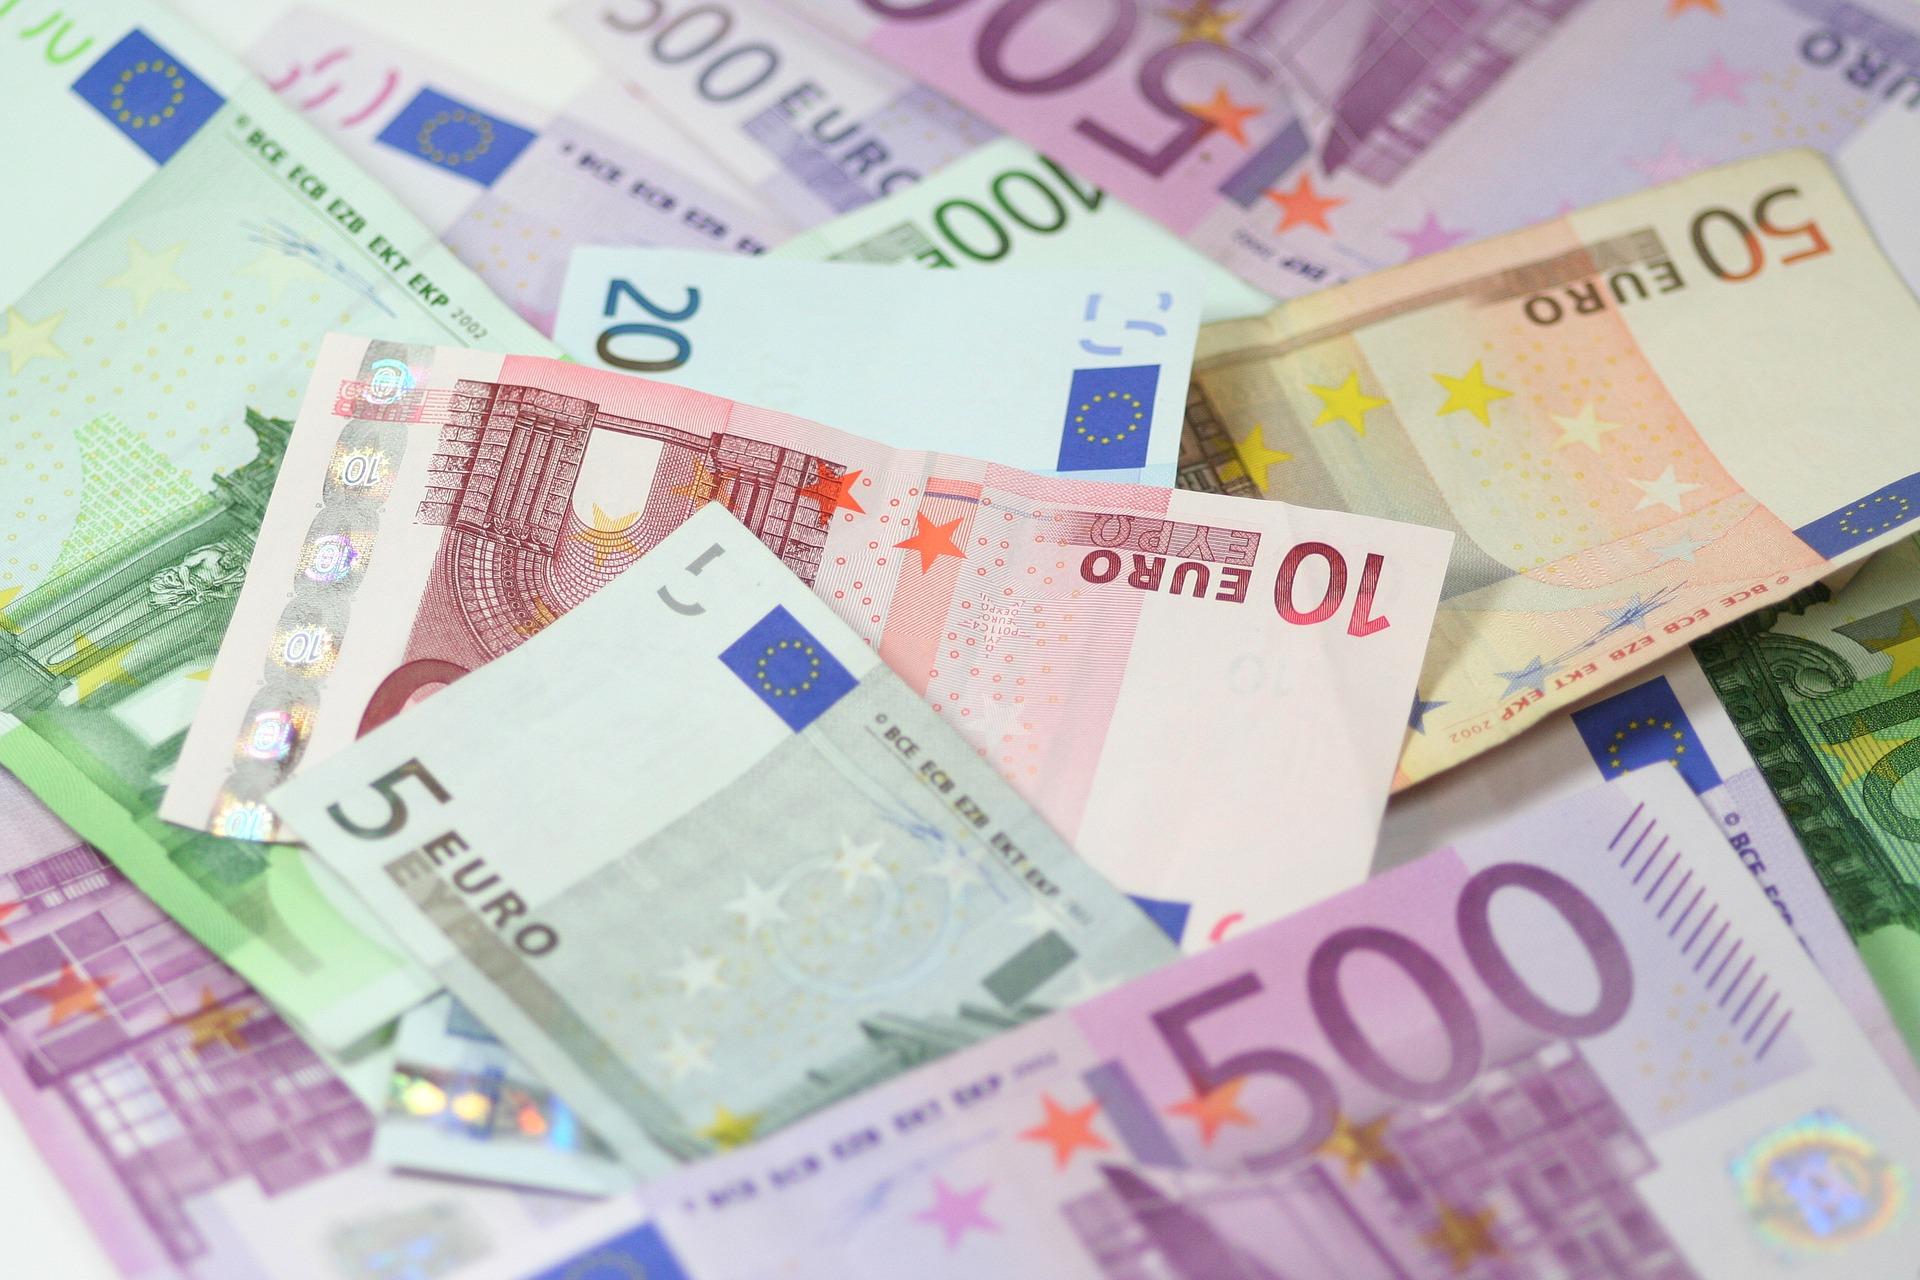 Bargeld soll Verfassungsrang erhalten und Negativzinsen sollen verboten werden